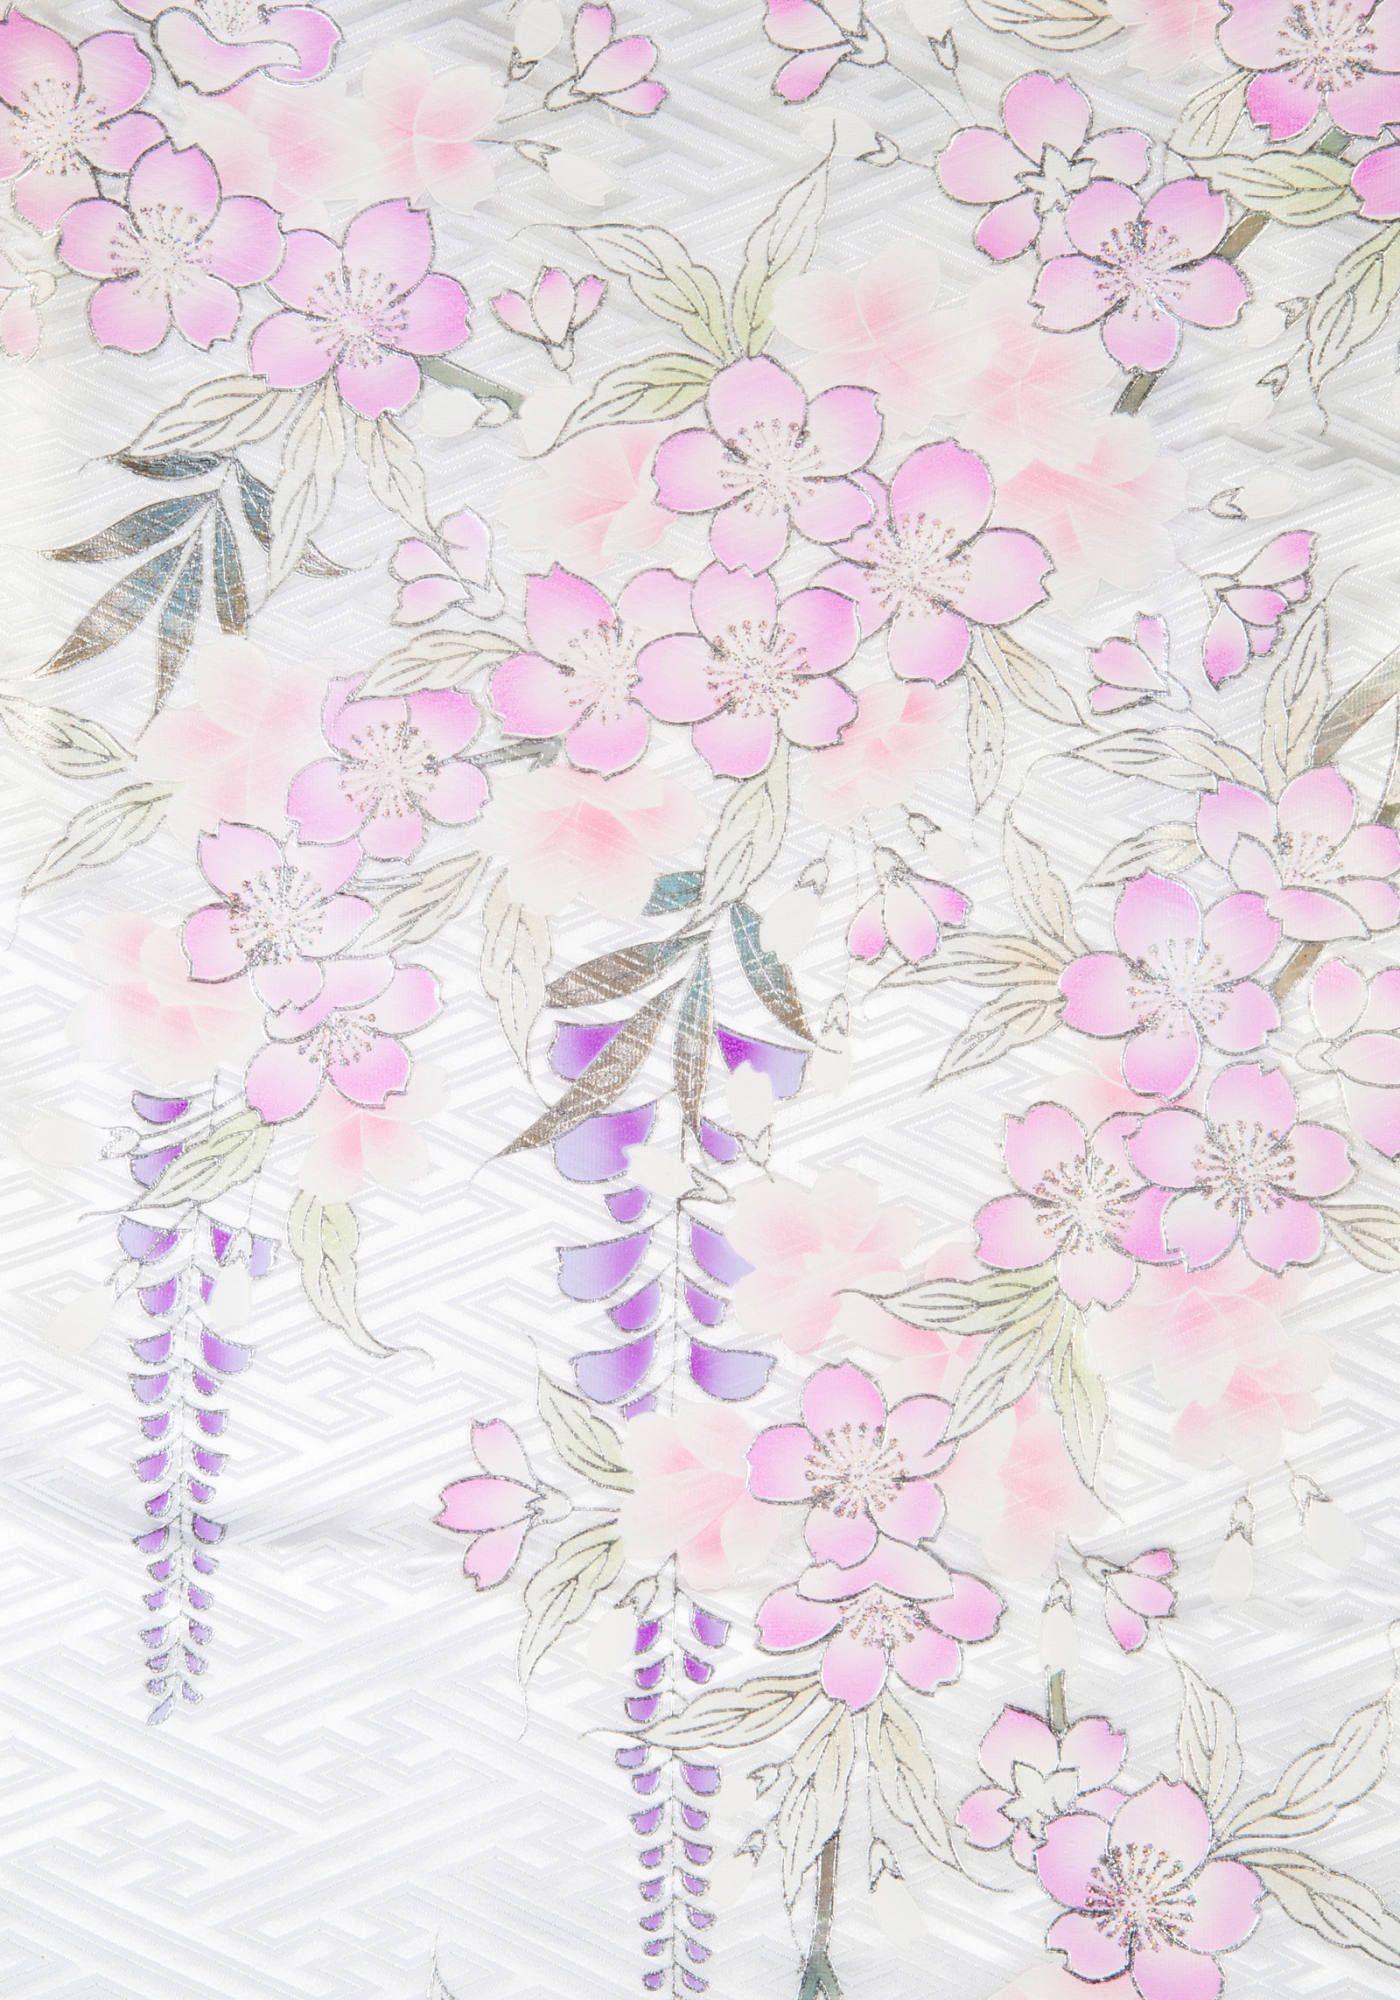 着物 no:838 商品名:白 金彩藤桜 6 | 卒業衣装&袴 hakama